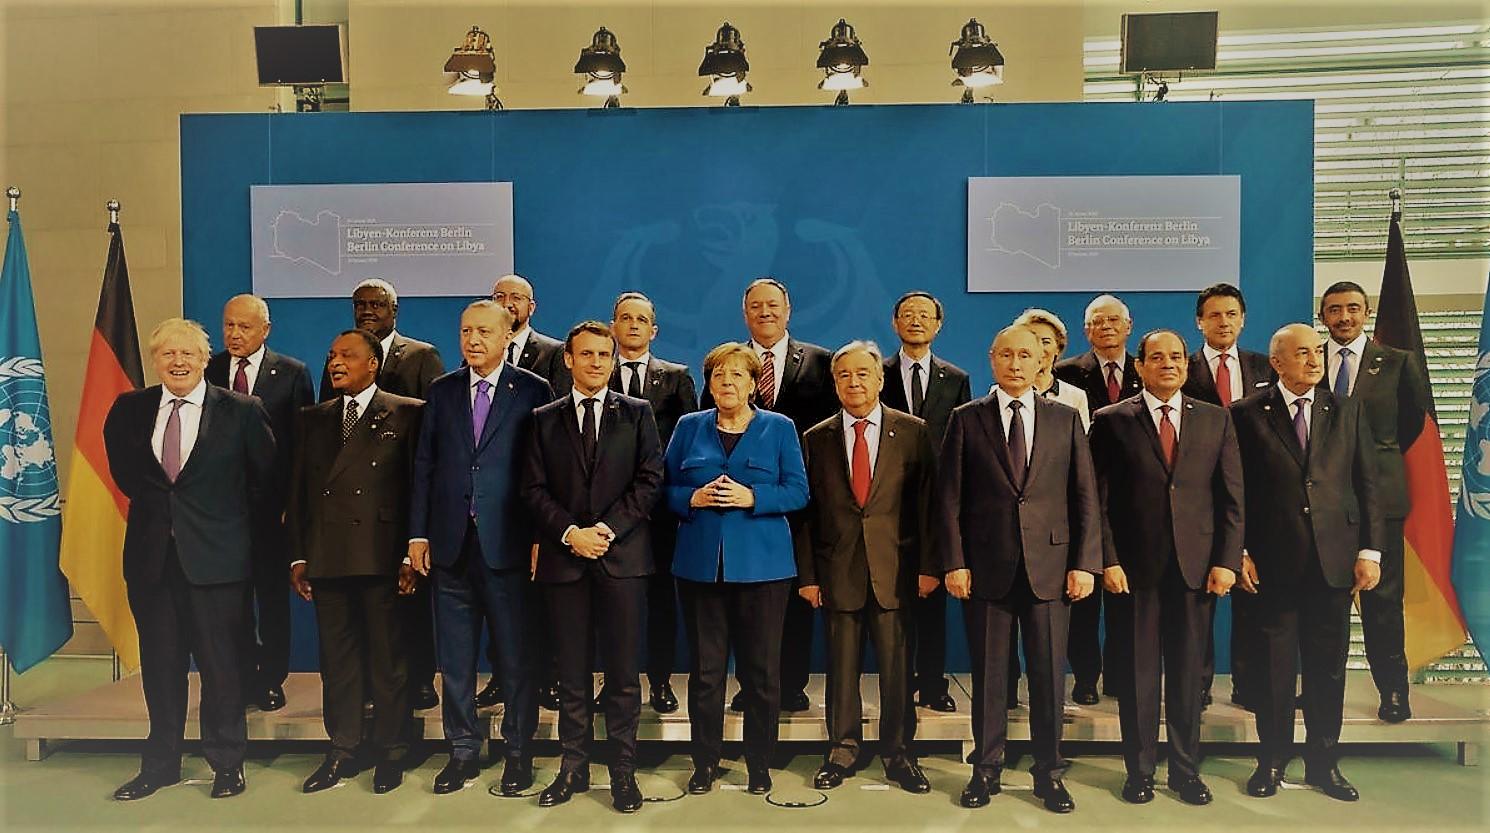 Διάσκεψη του Βερολίνου για τη Λιβύη: Κατάπαυση του πυρός και τήρηση του εμπάργκο όπλων (vid)